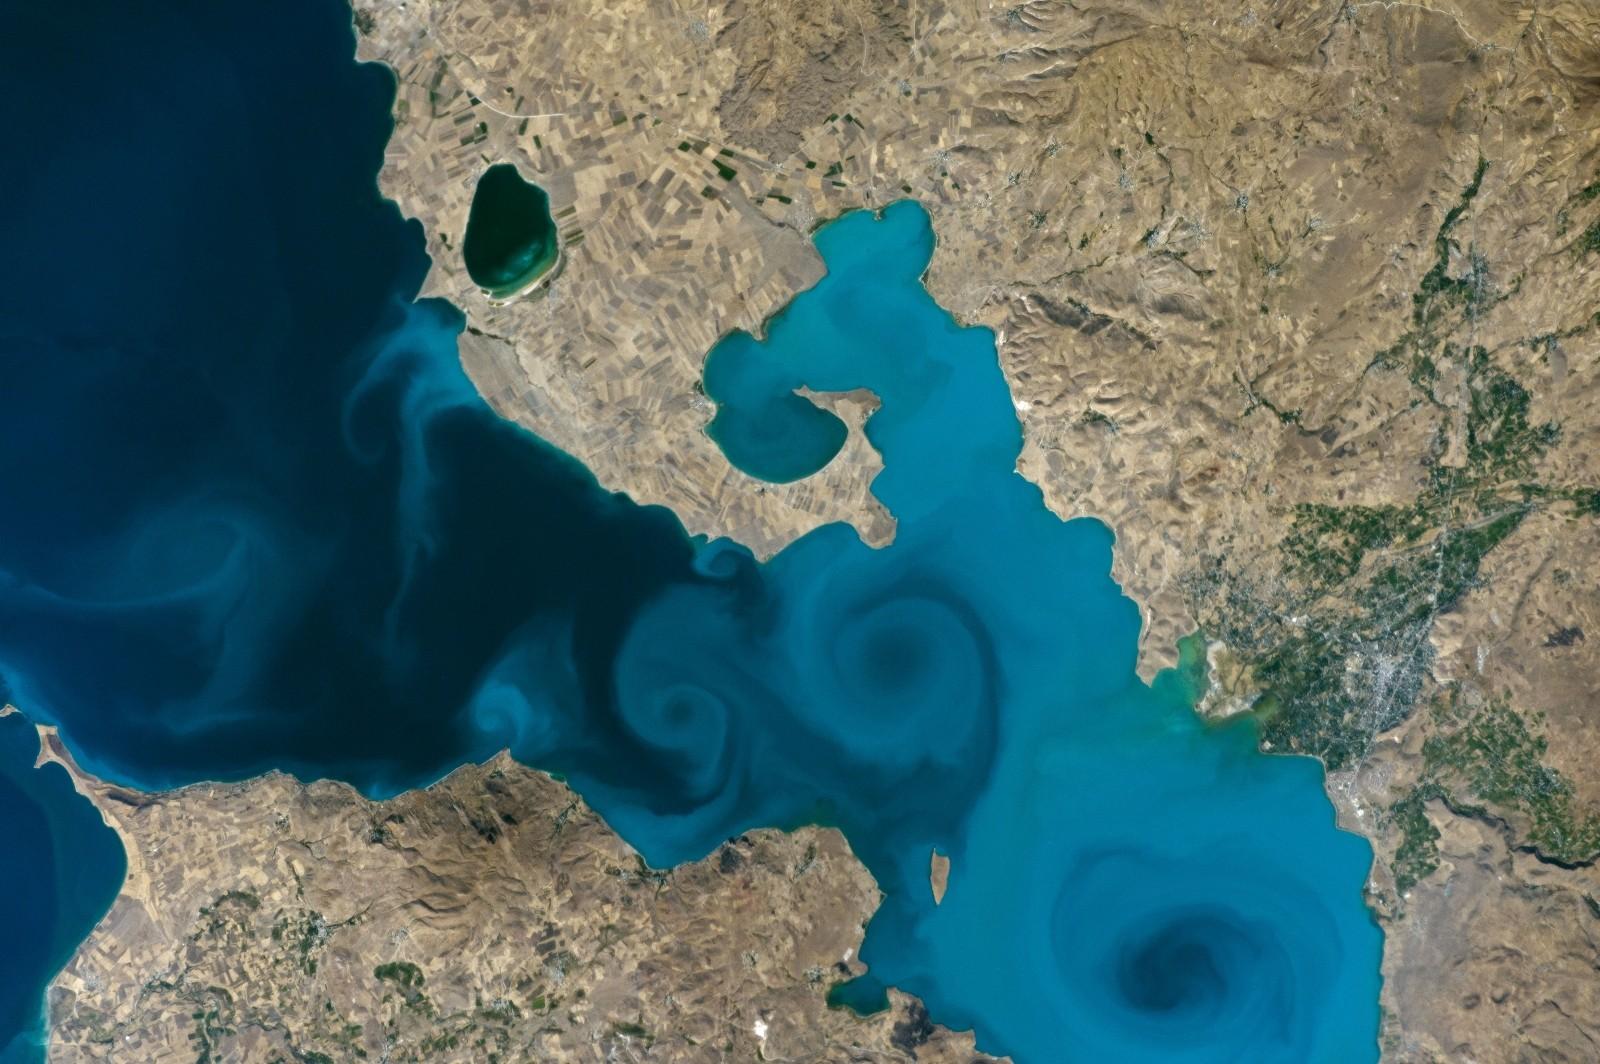 Van Gölü'nün uzaydan çekilen görseli fotoğraf yarışmasında finale yükseldi